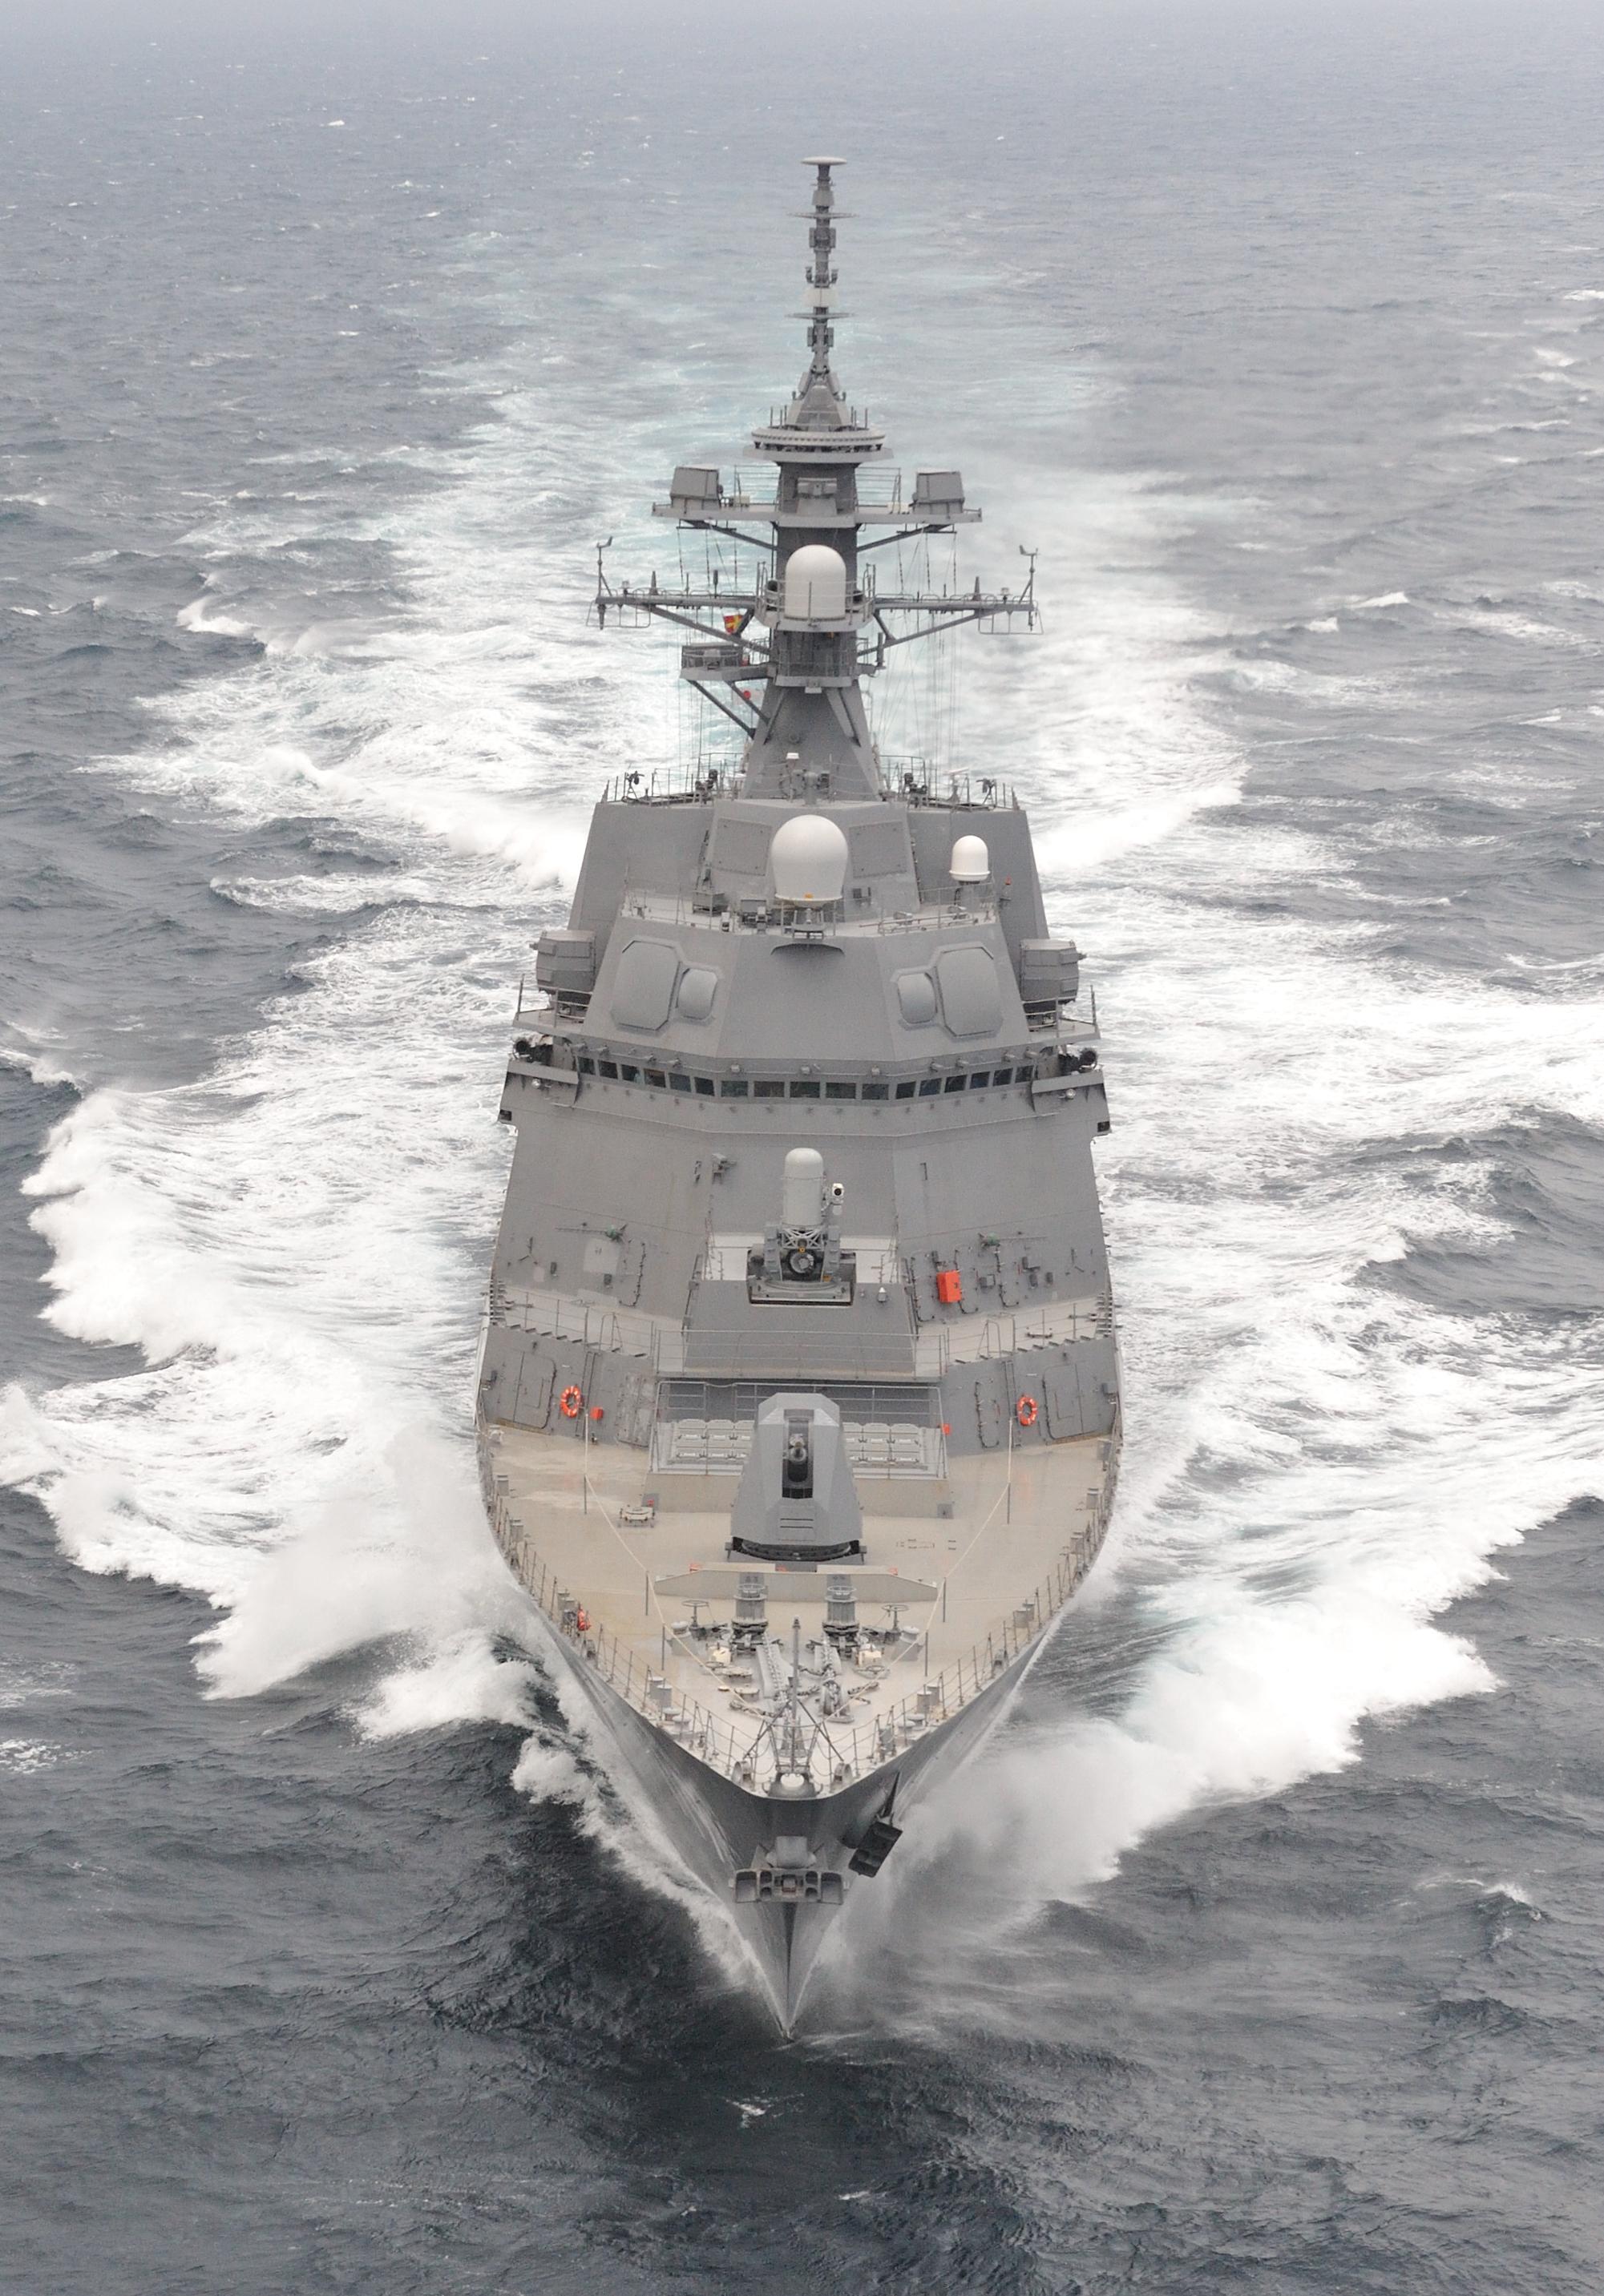 護衛艦 あさひ 型 水上艦艇 装備品 海上自衛隊 Jmsdf